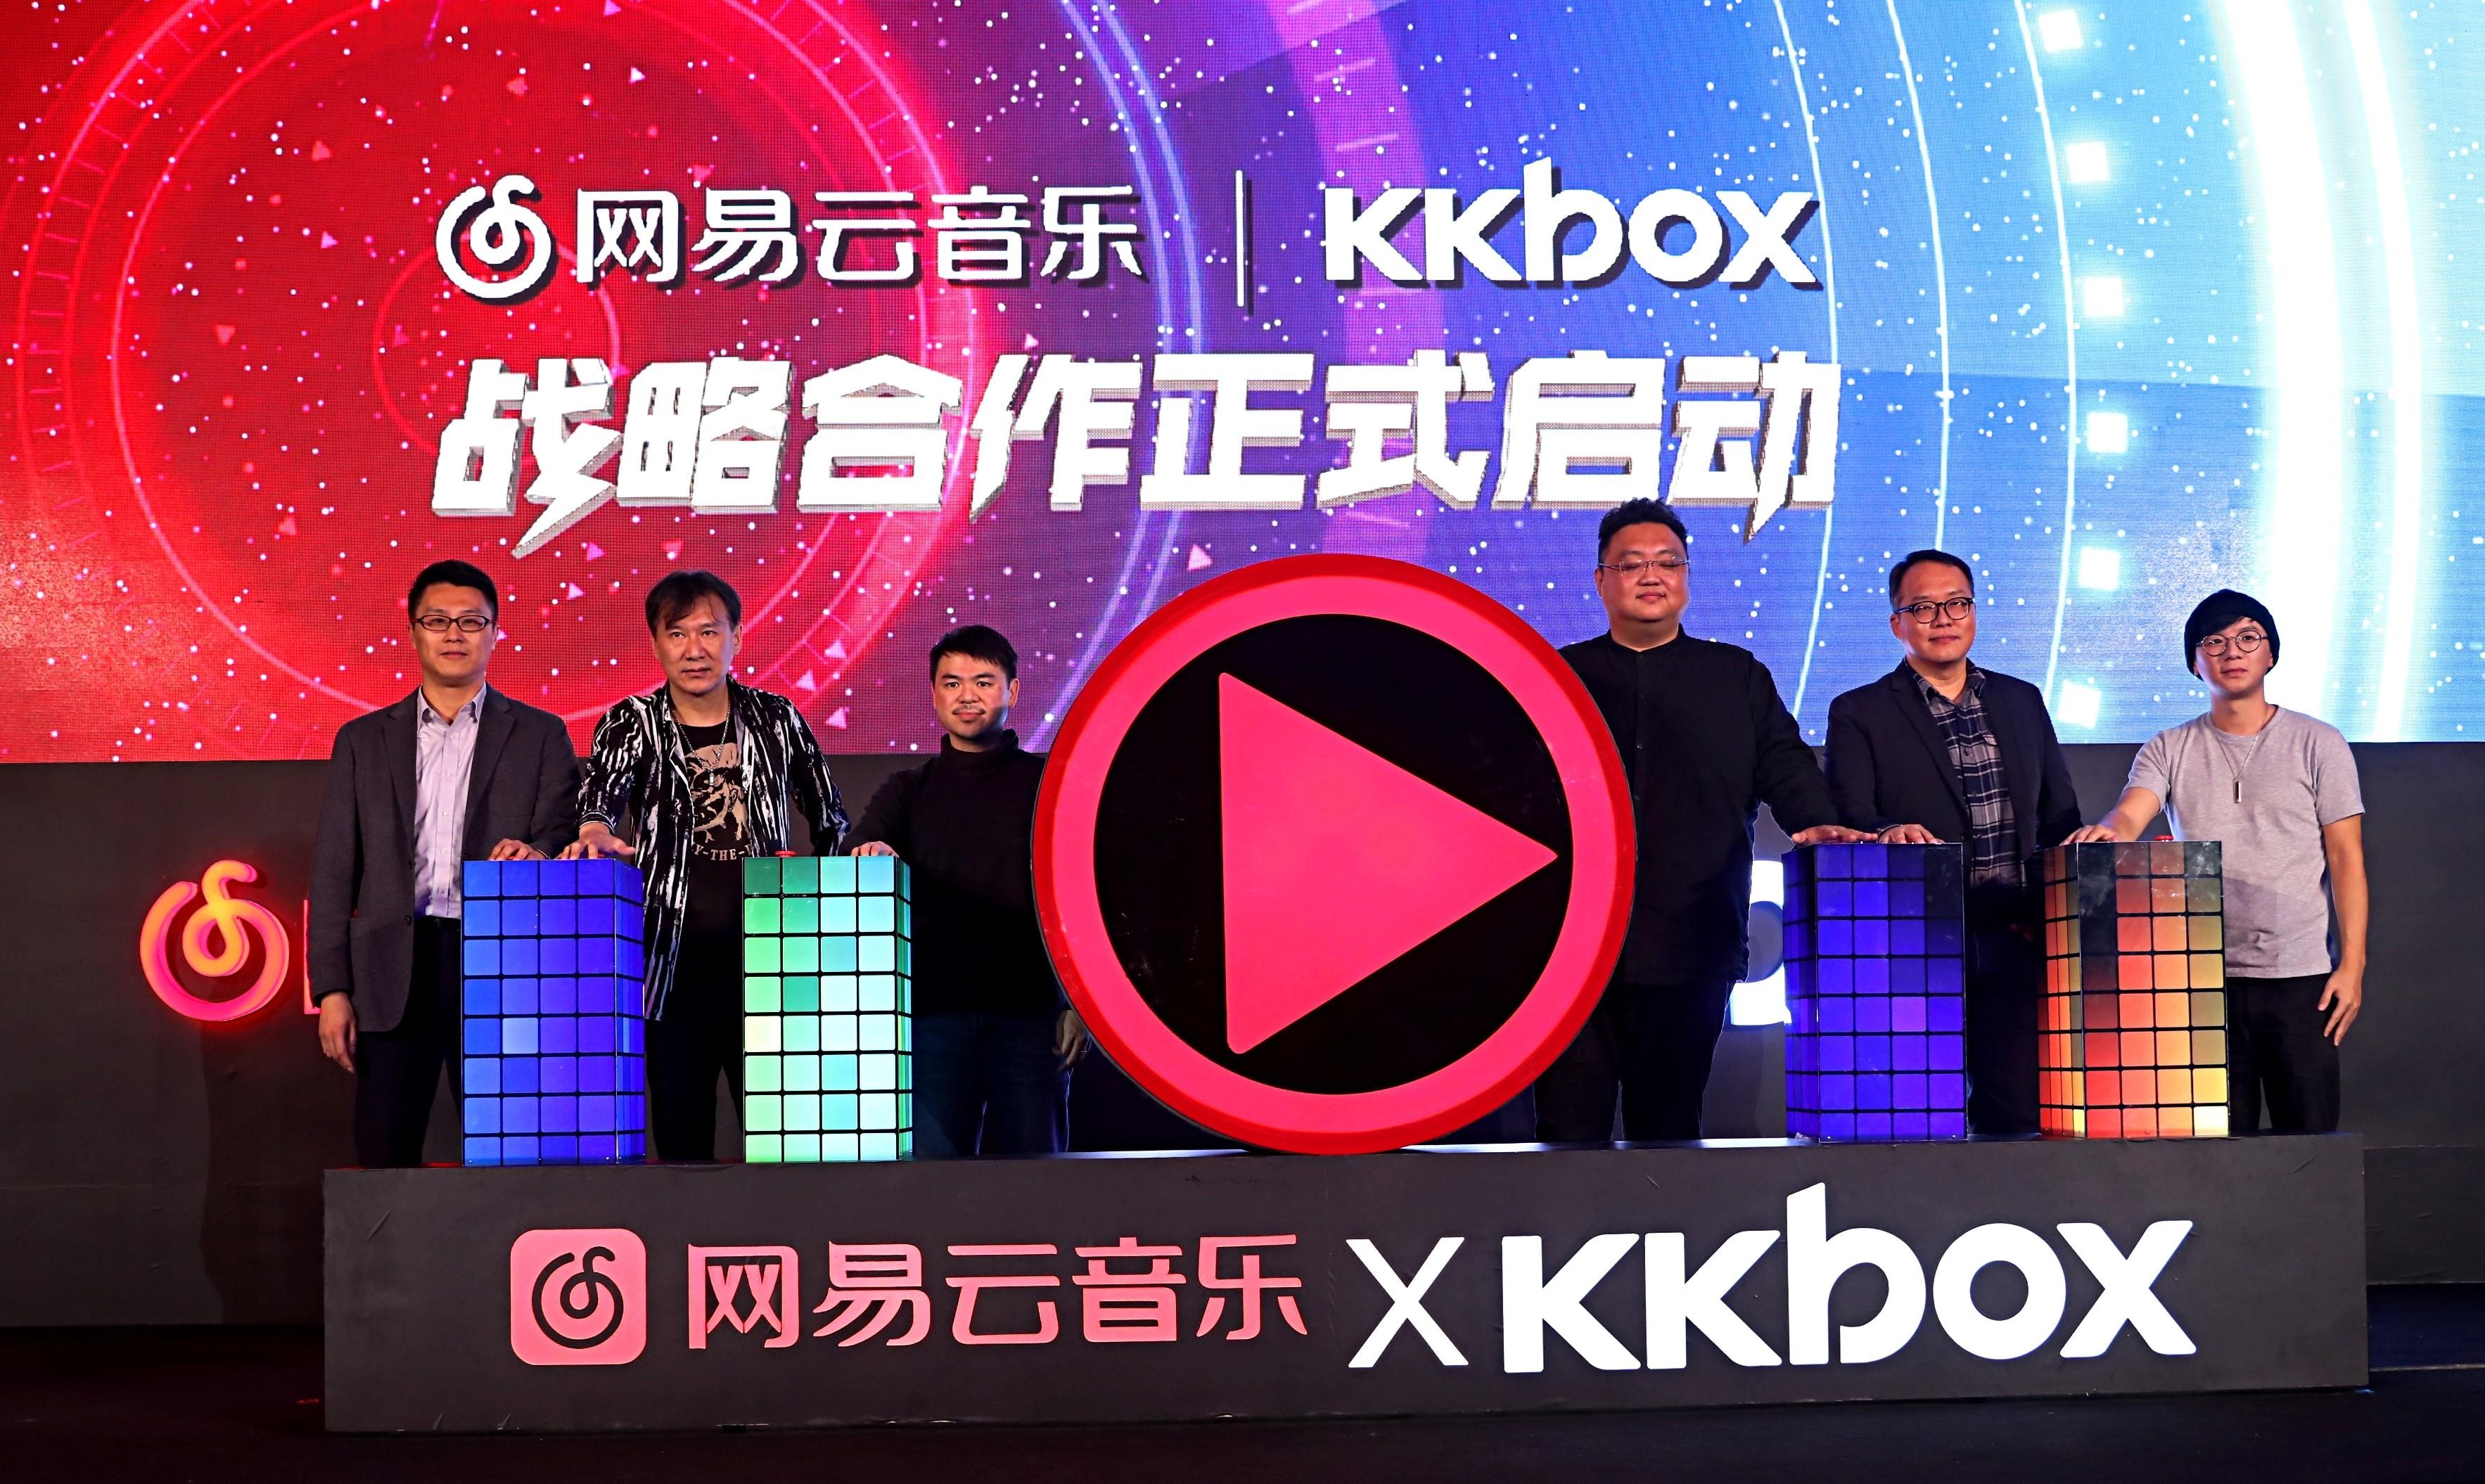 是KKBOX 攜手網易雲音樂,共創全球最大華語音樂宣傳平台這篇文章的首圖